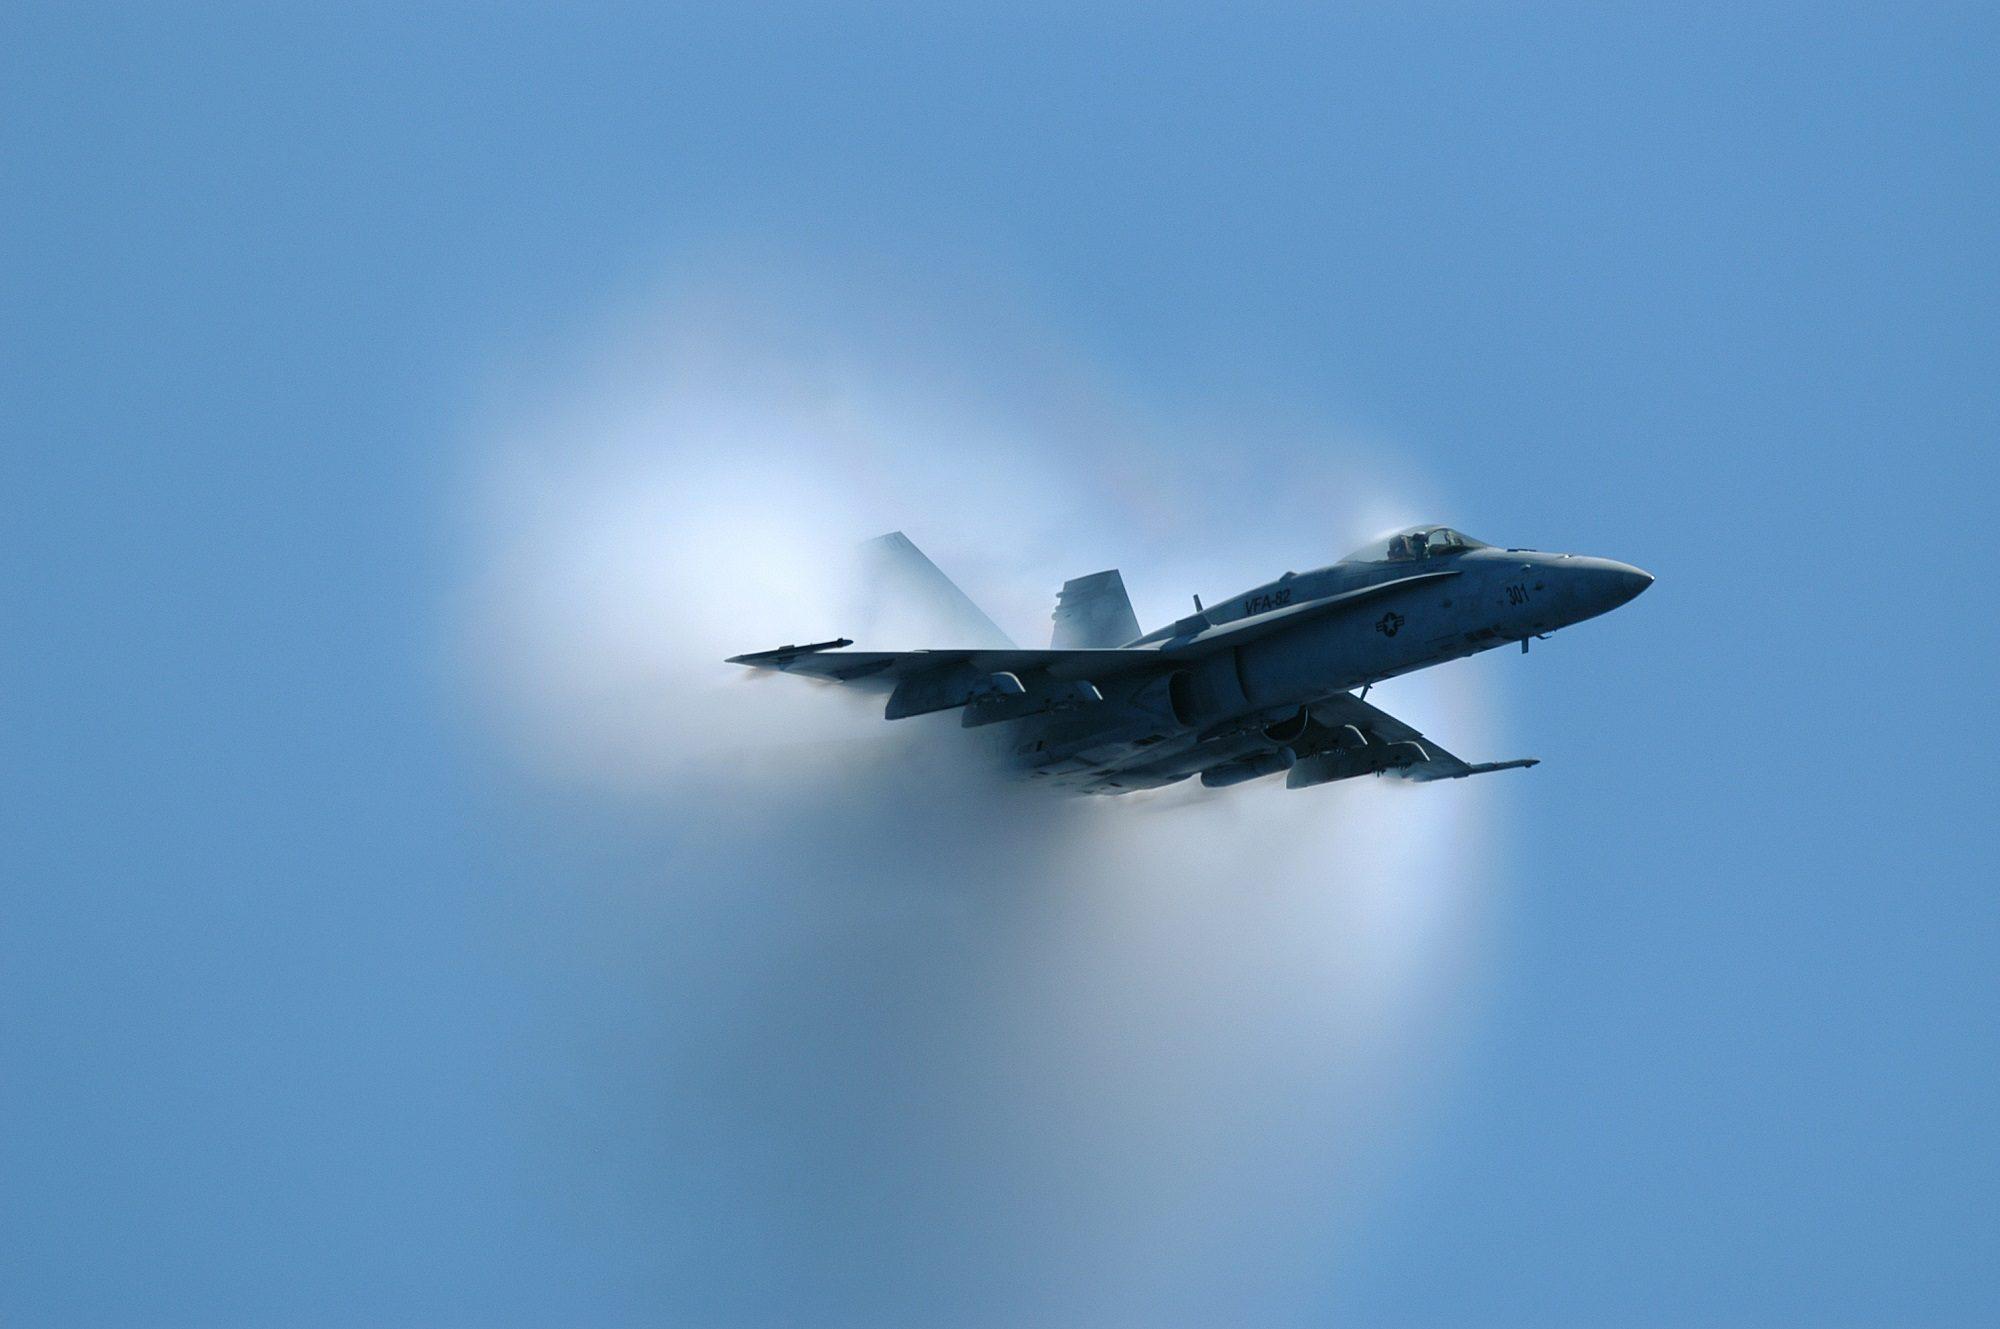 самолеты, барьер, звук, скорость, взрыв - Обои HD - Профессор falken.com